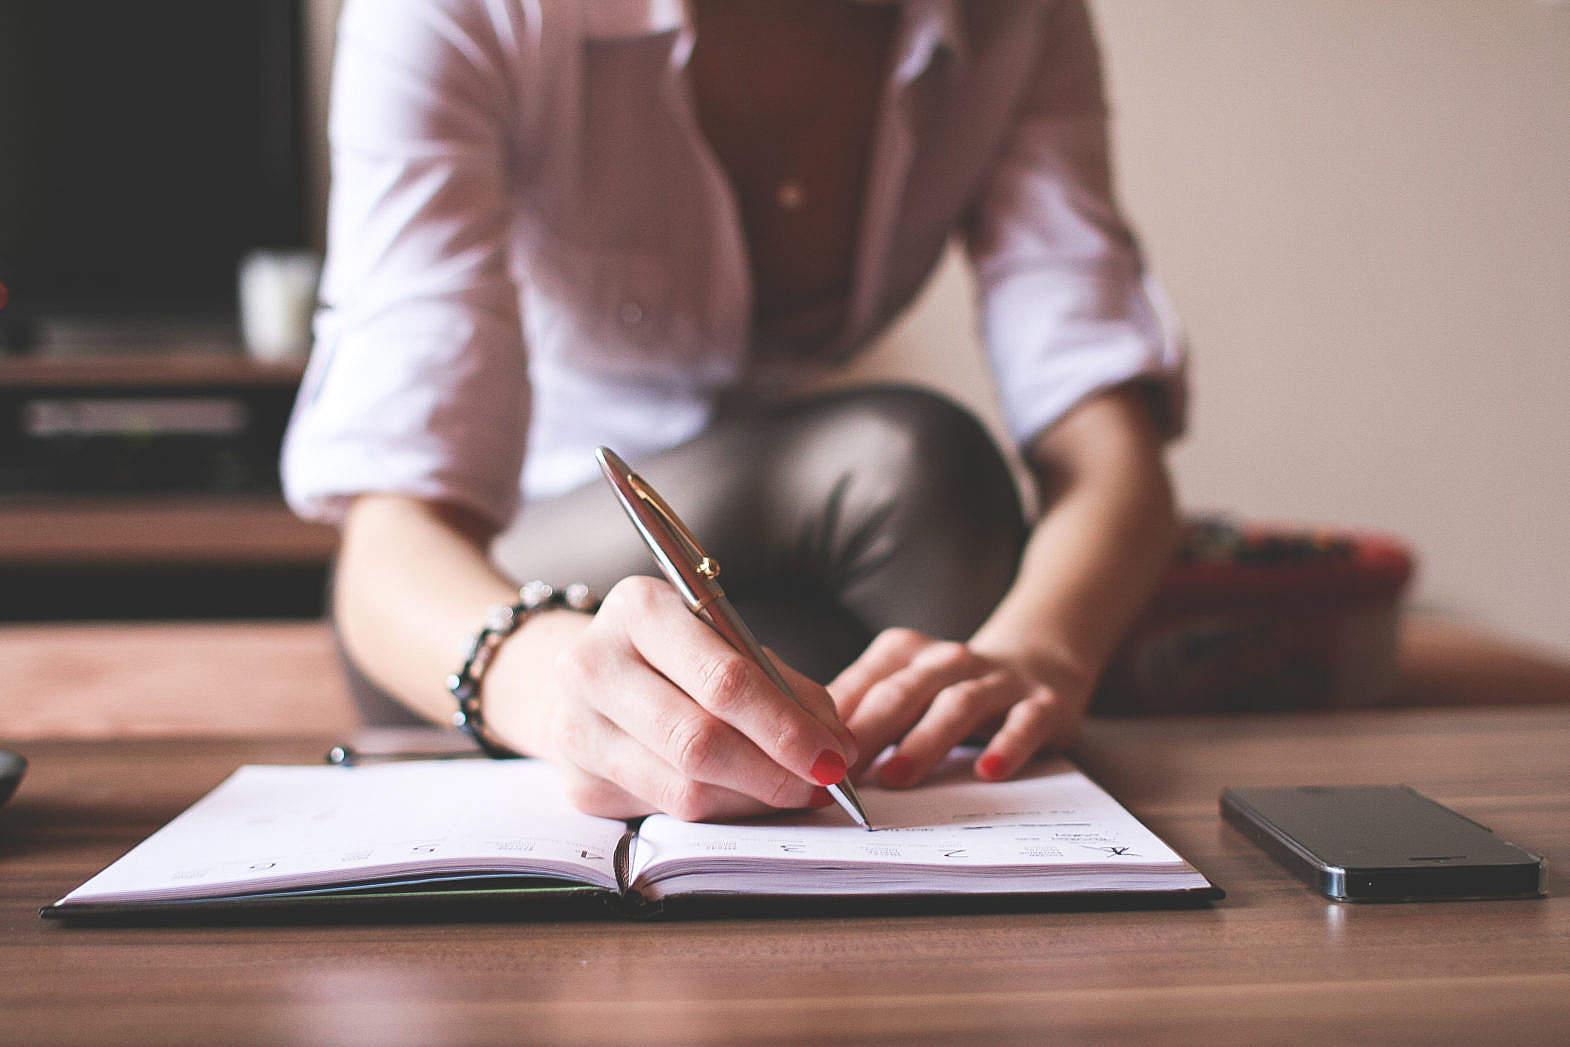 Girl Writing in a Diary Free Stock Photo | picjumbo